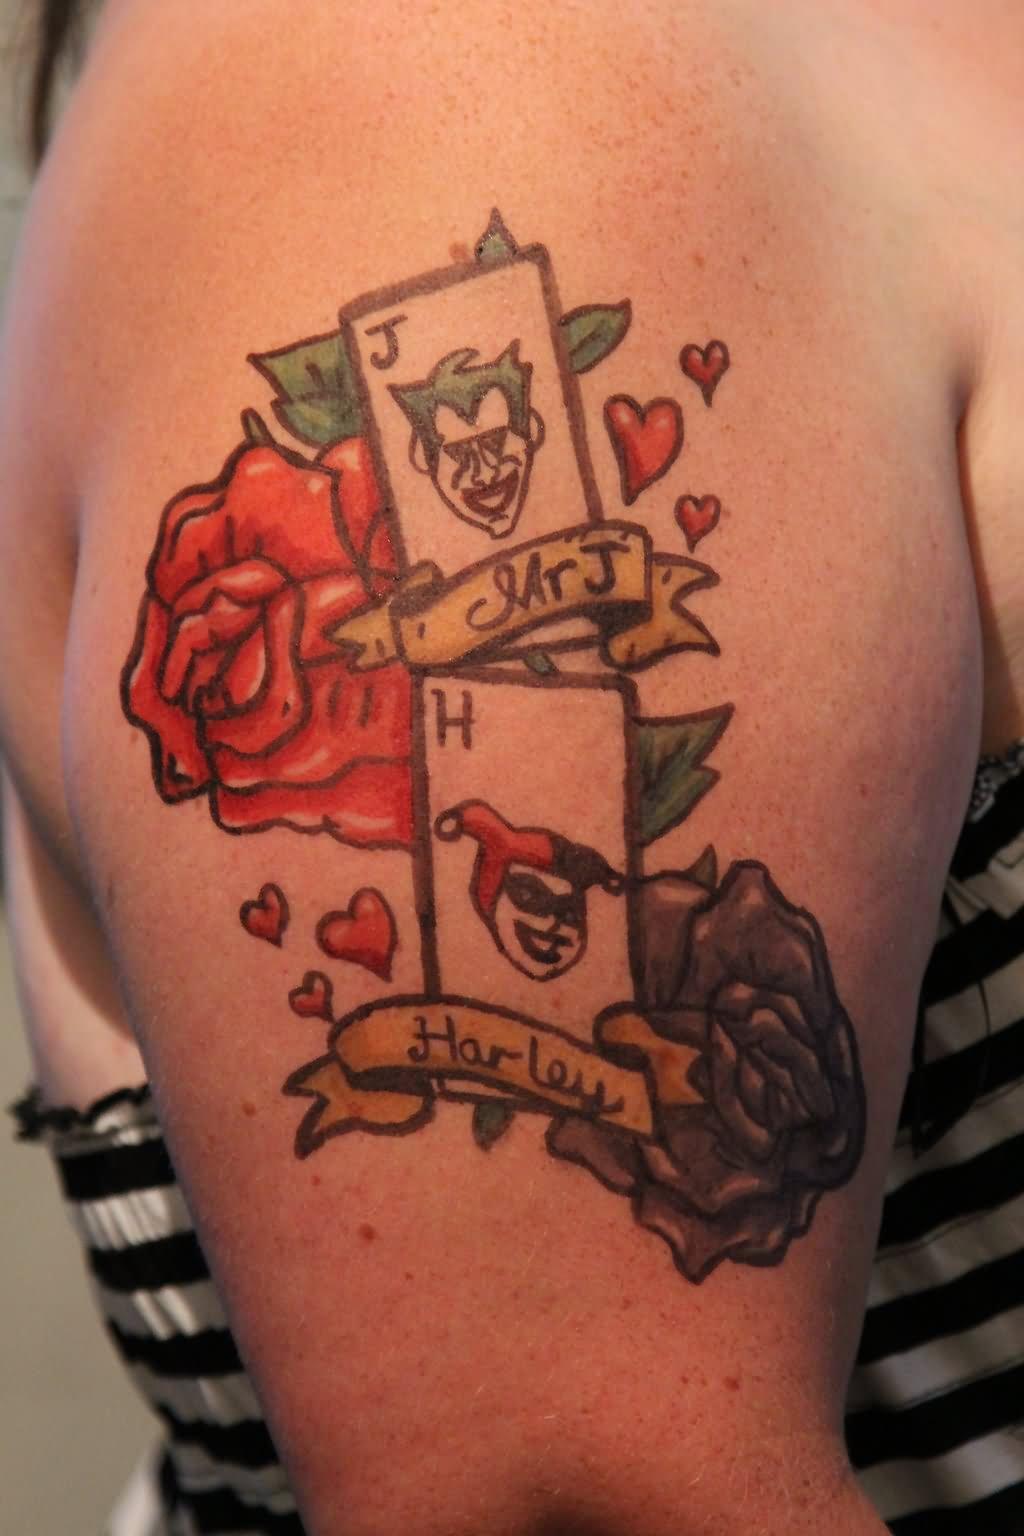 joker and harley quinn kissing tattoo on shoulder. Black Bedroom Furniture Sets. Home Design Ideas